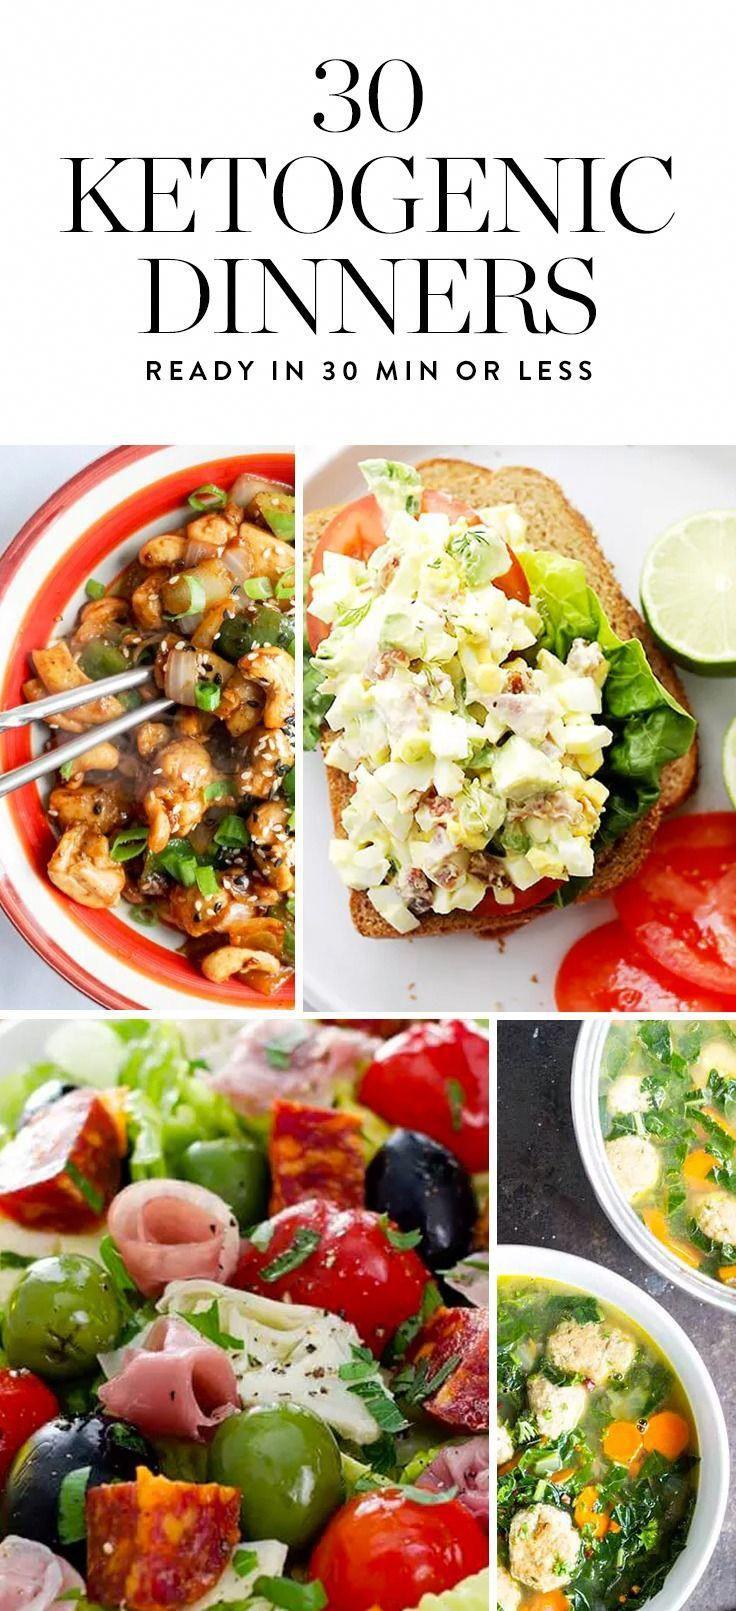 Strict Vegan Diet Plan  Strict Keto Diet Plan Ve arian